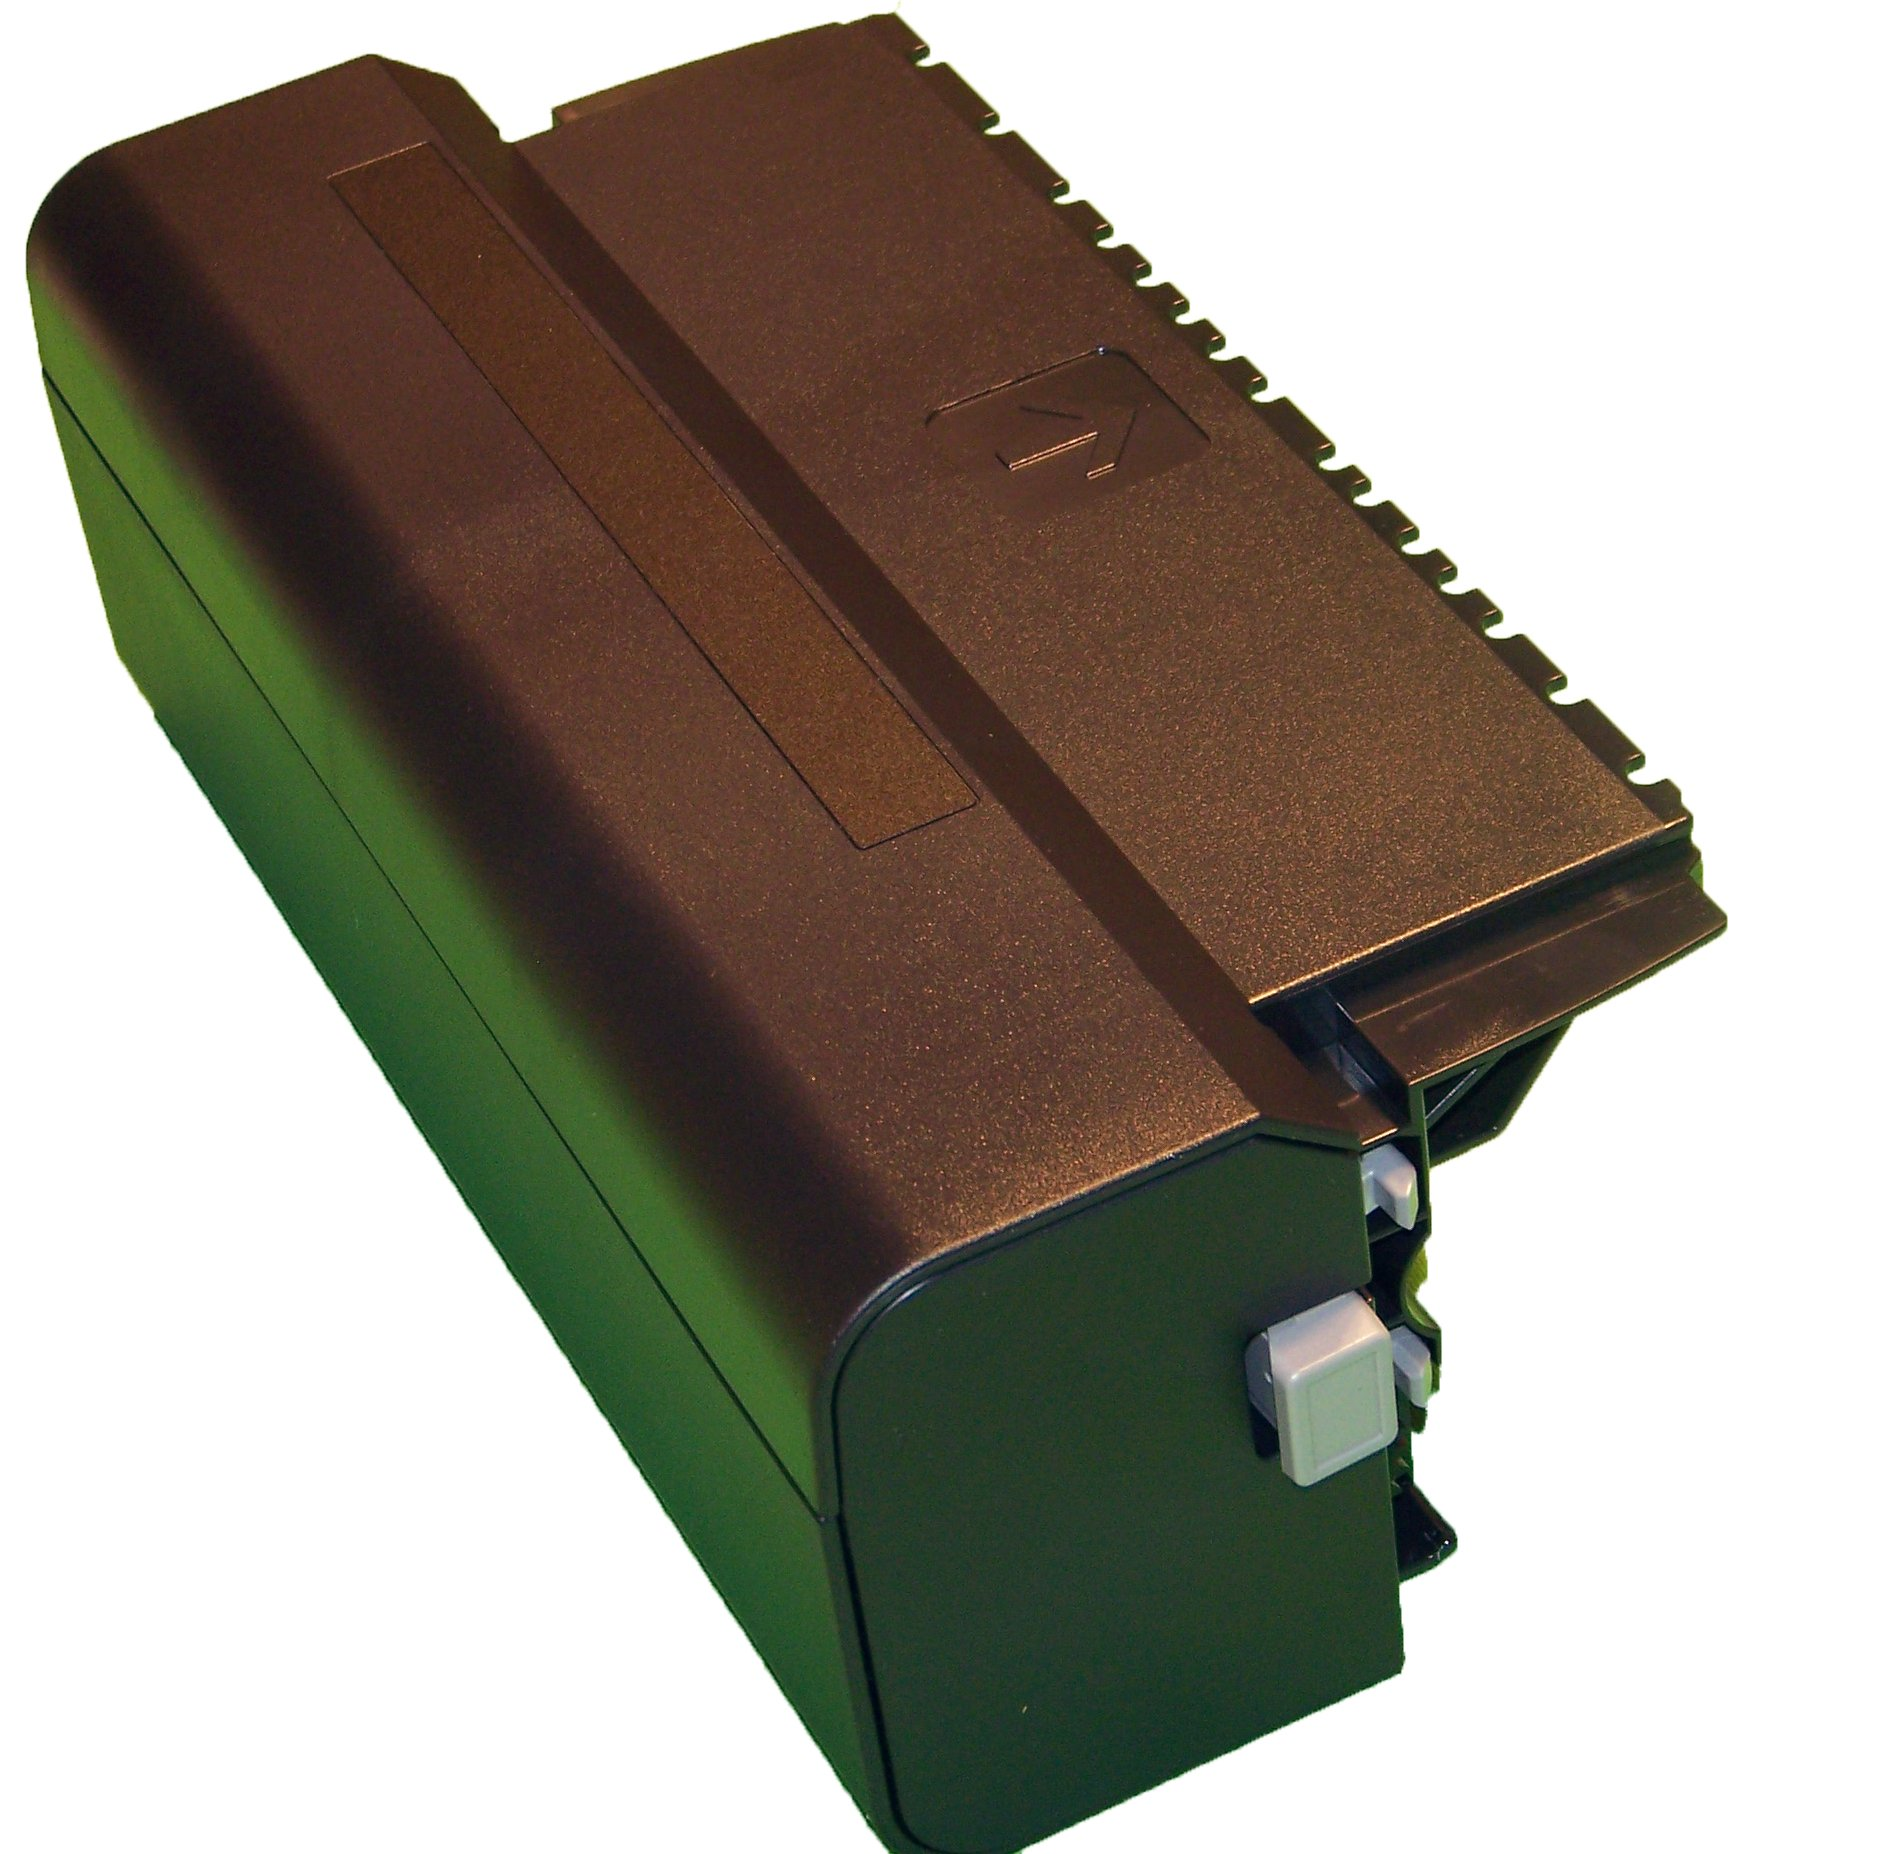 Epson Duplexer Duplex Unit - NEW - Artisan 710, Artisan 725, Artisan 730, Artisan 810, Artisan 835, Artisan 837